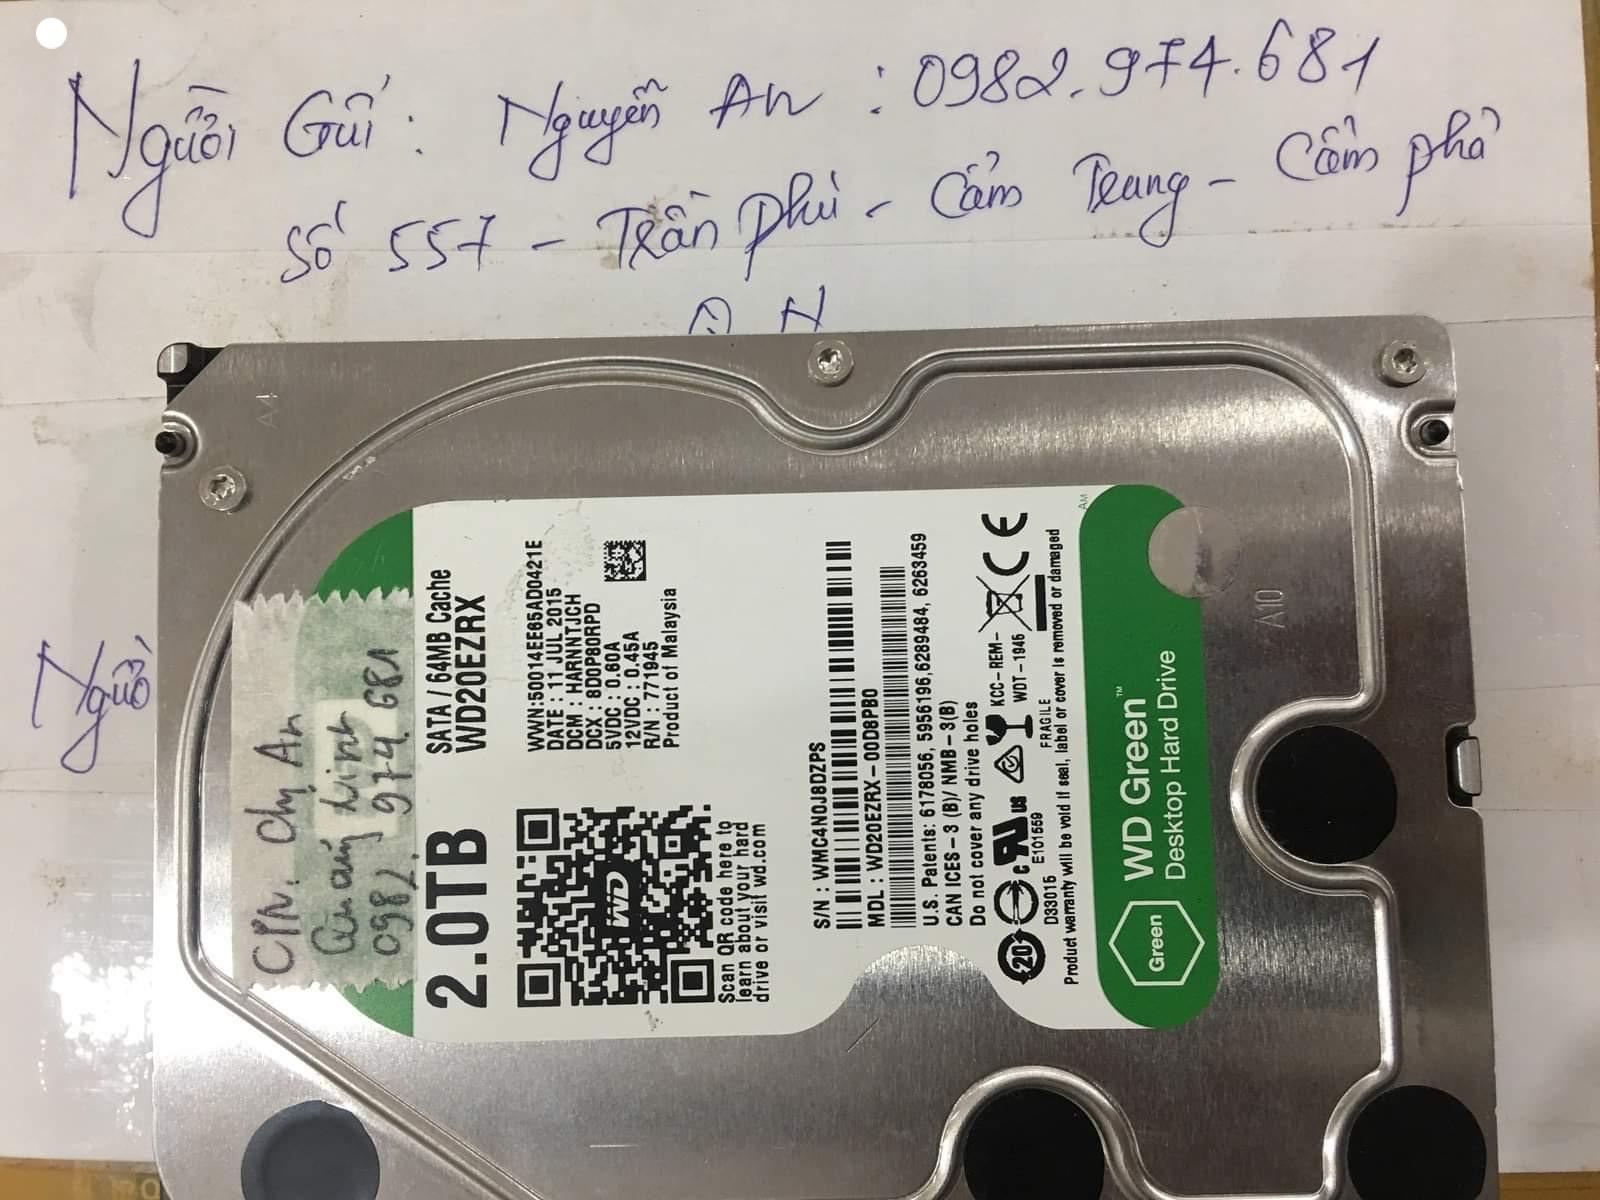 Lấy dữ liệu ổ cứng Western 2TB lỗi định dạng tại Quảng Ninh - 01/12/2020 - cuumaytinh